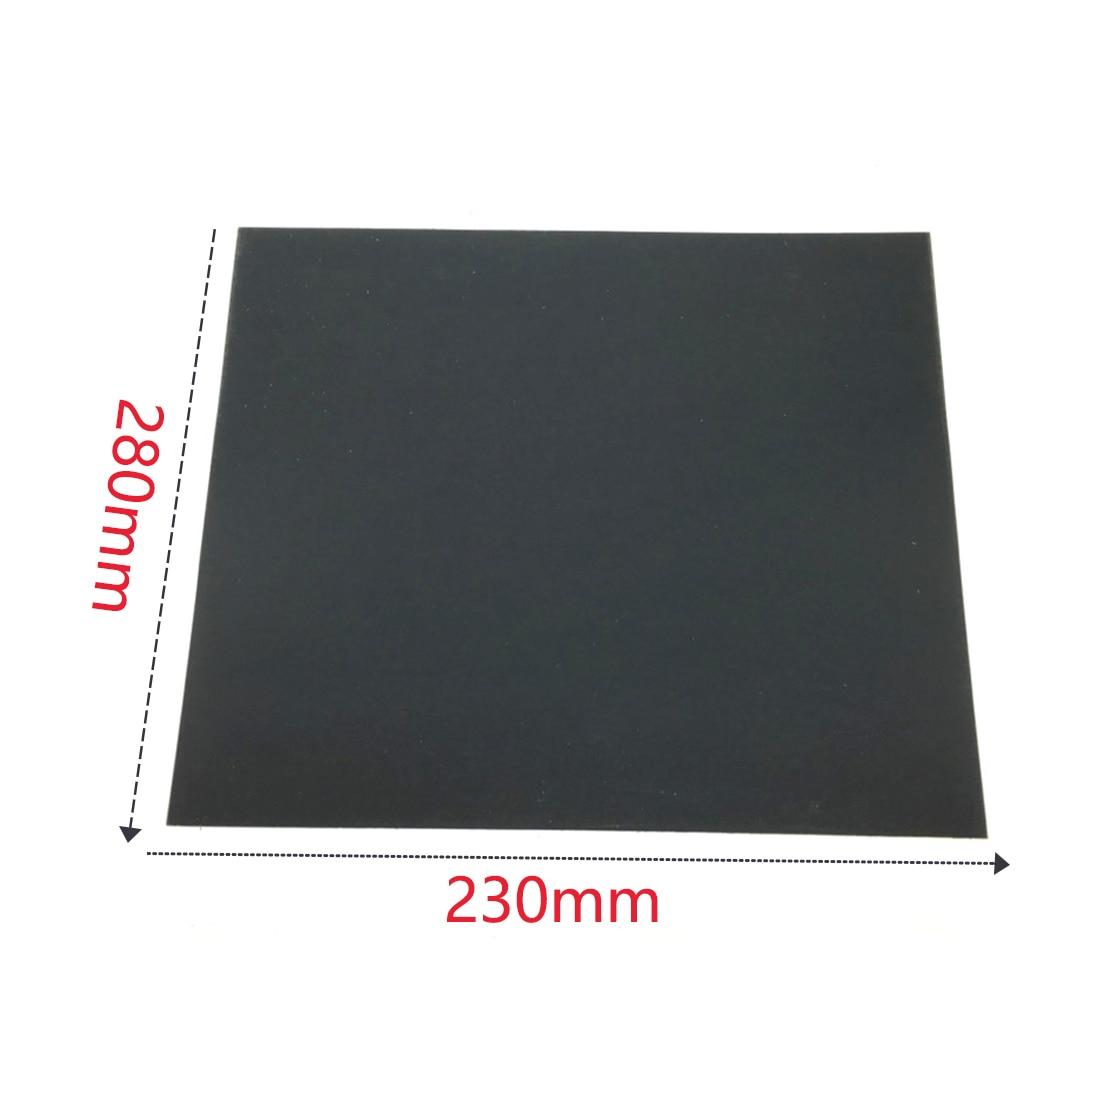 28x23cm Waterproof Sanding Paper Wet Dry Polishing Sandpaper Grit Granularity  3000 5000 7000 Metal Wood Abrasive Tool